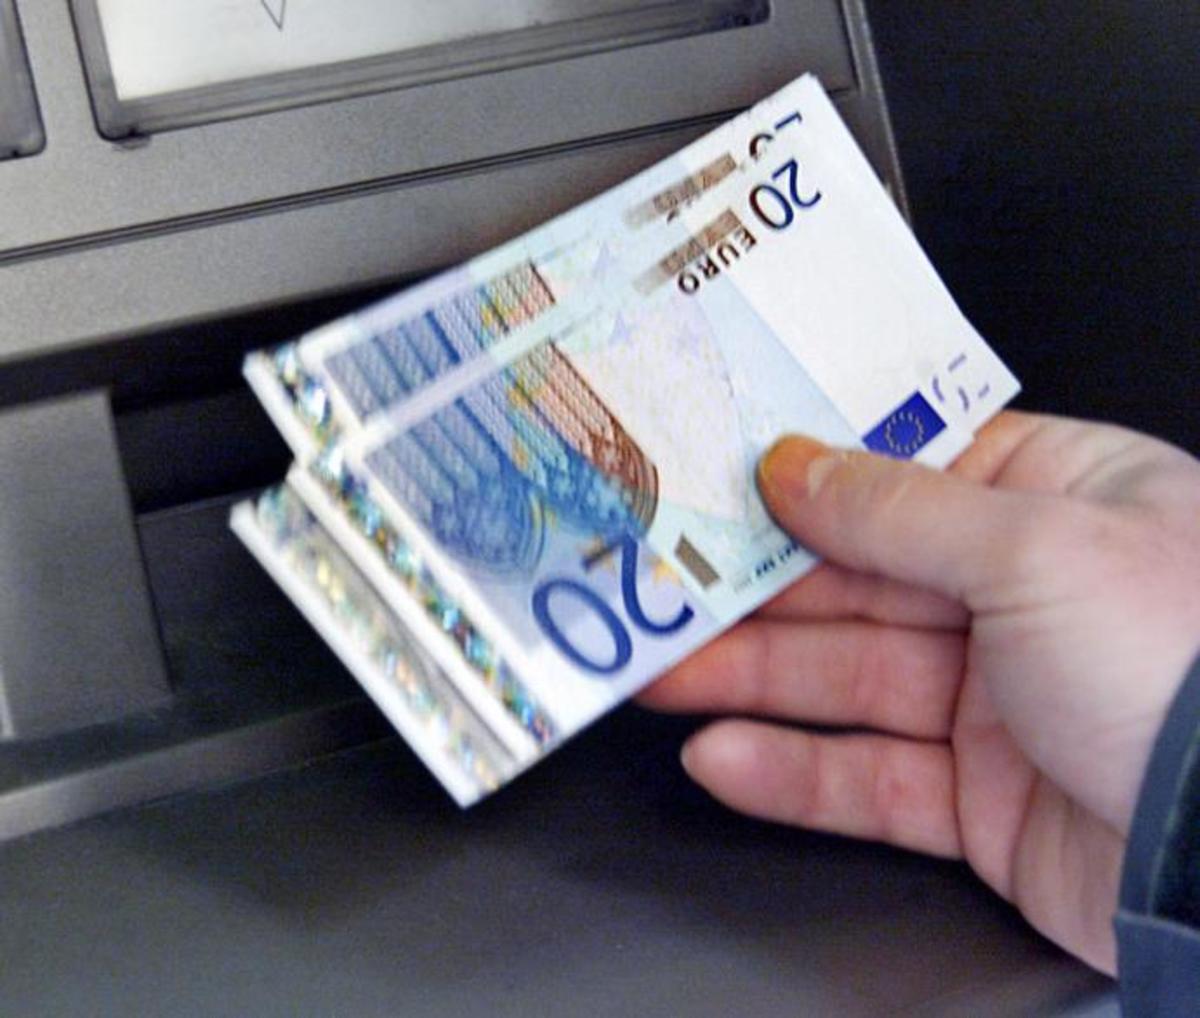 Δώρο και σύνταξη σήμερα για τους ασφαλισμένους του ΟΓΑ | Newsit.gr